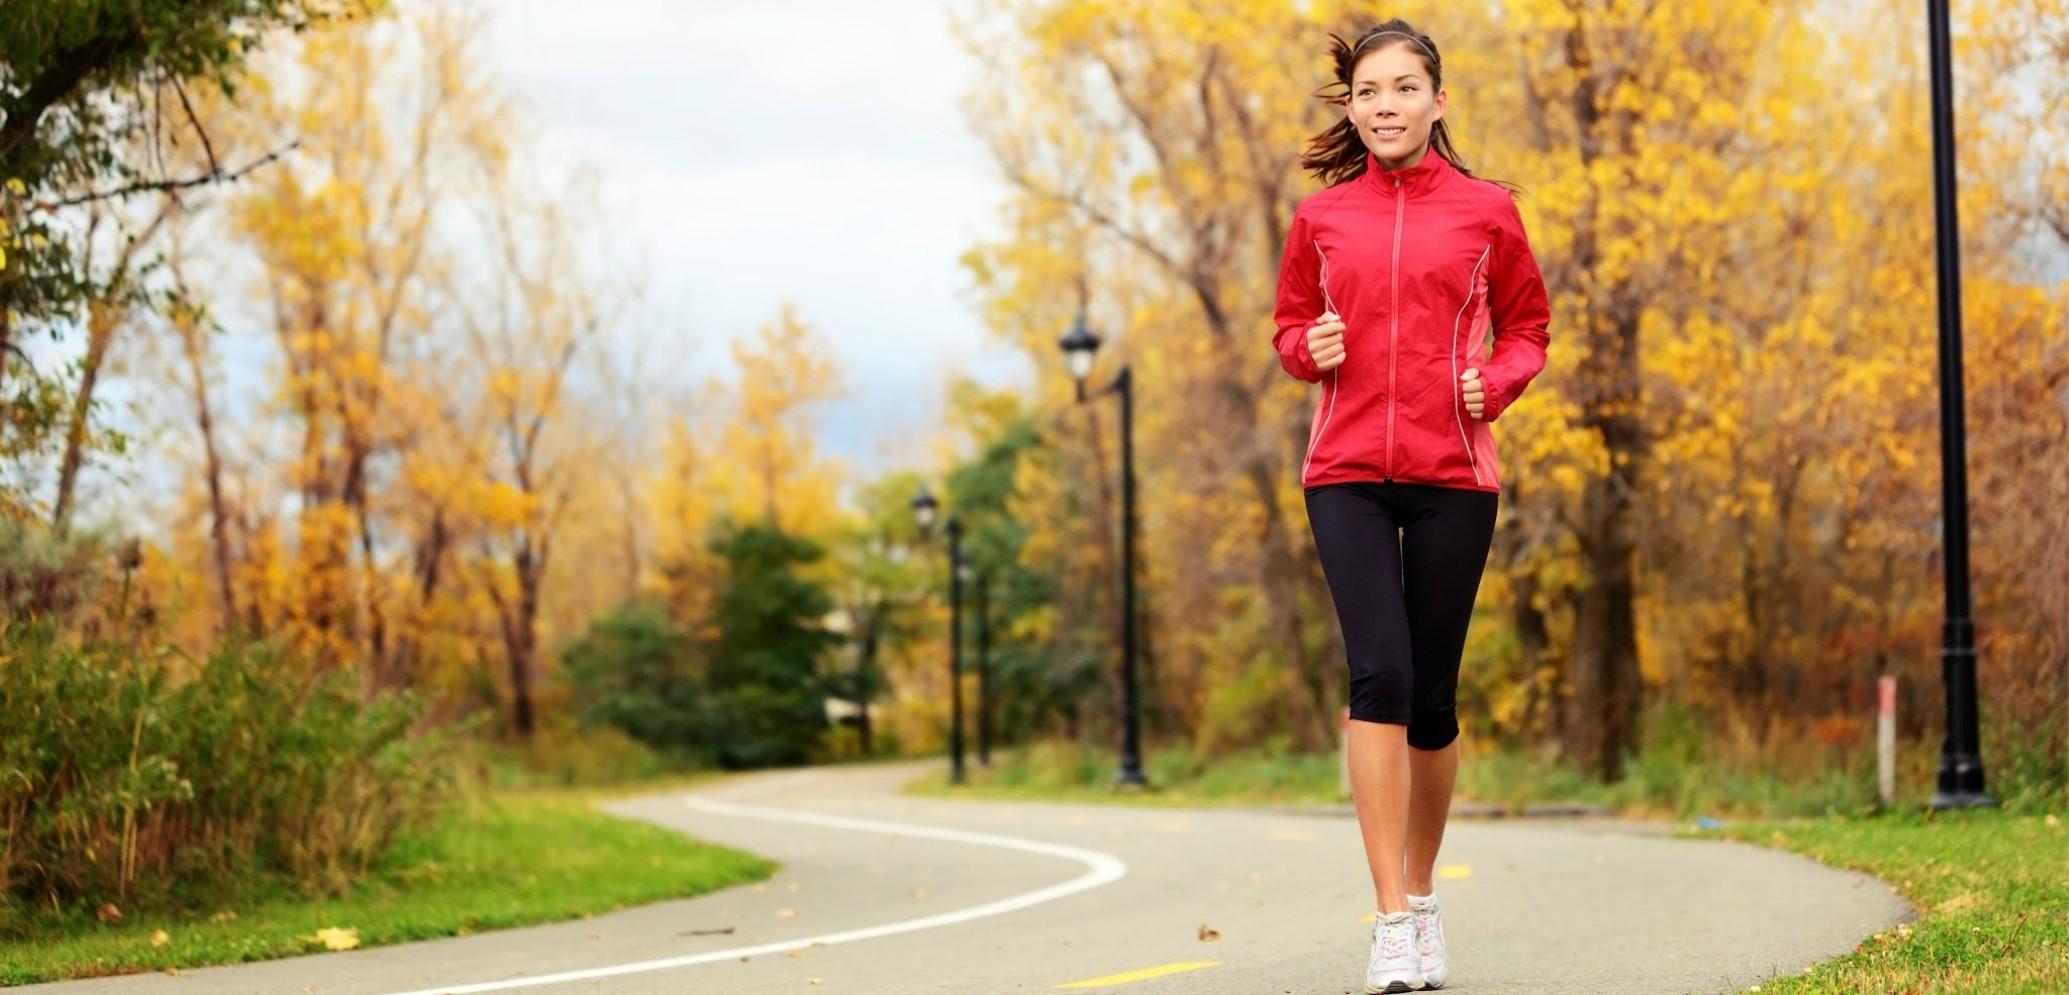 running-woman-houston-health